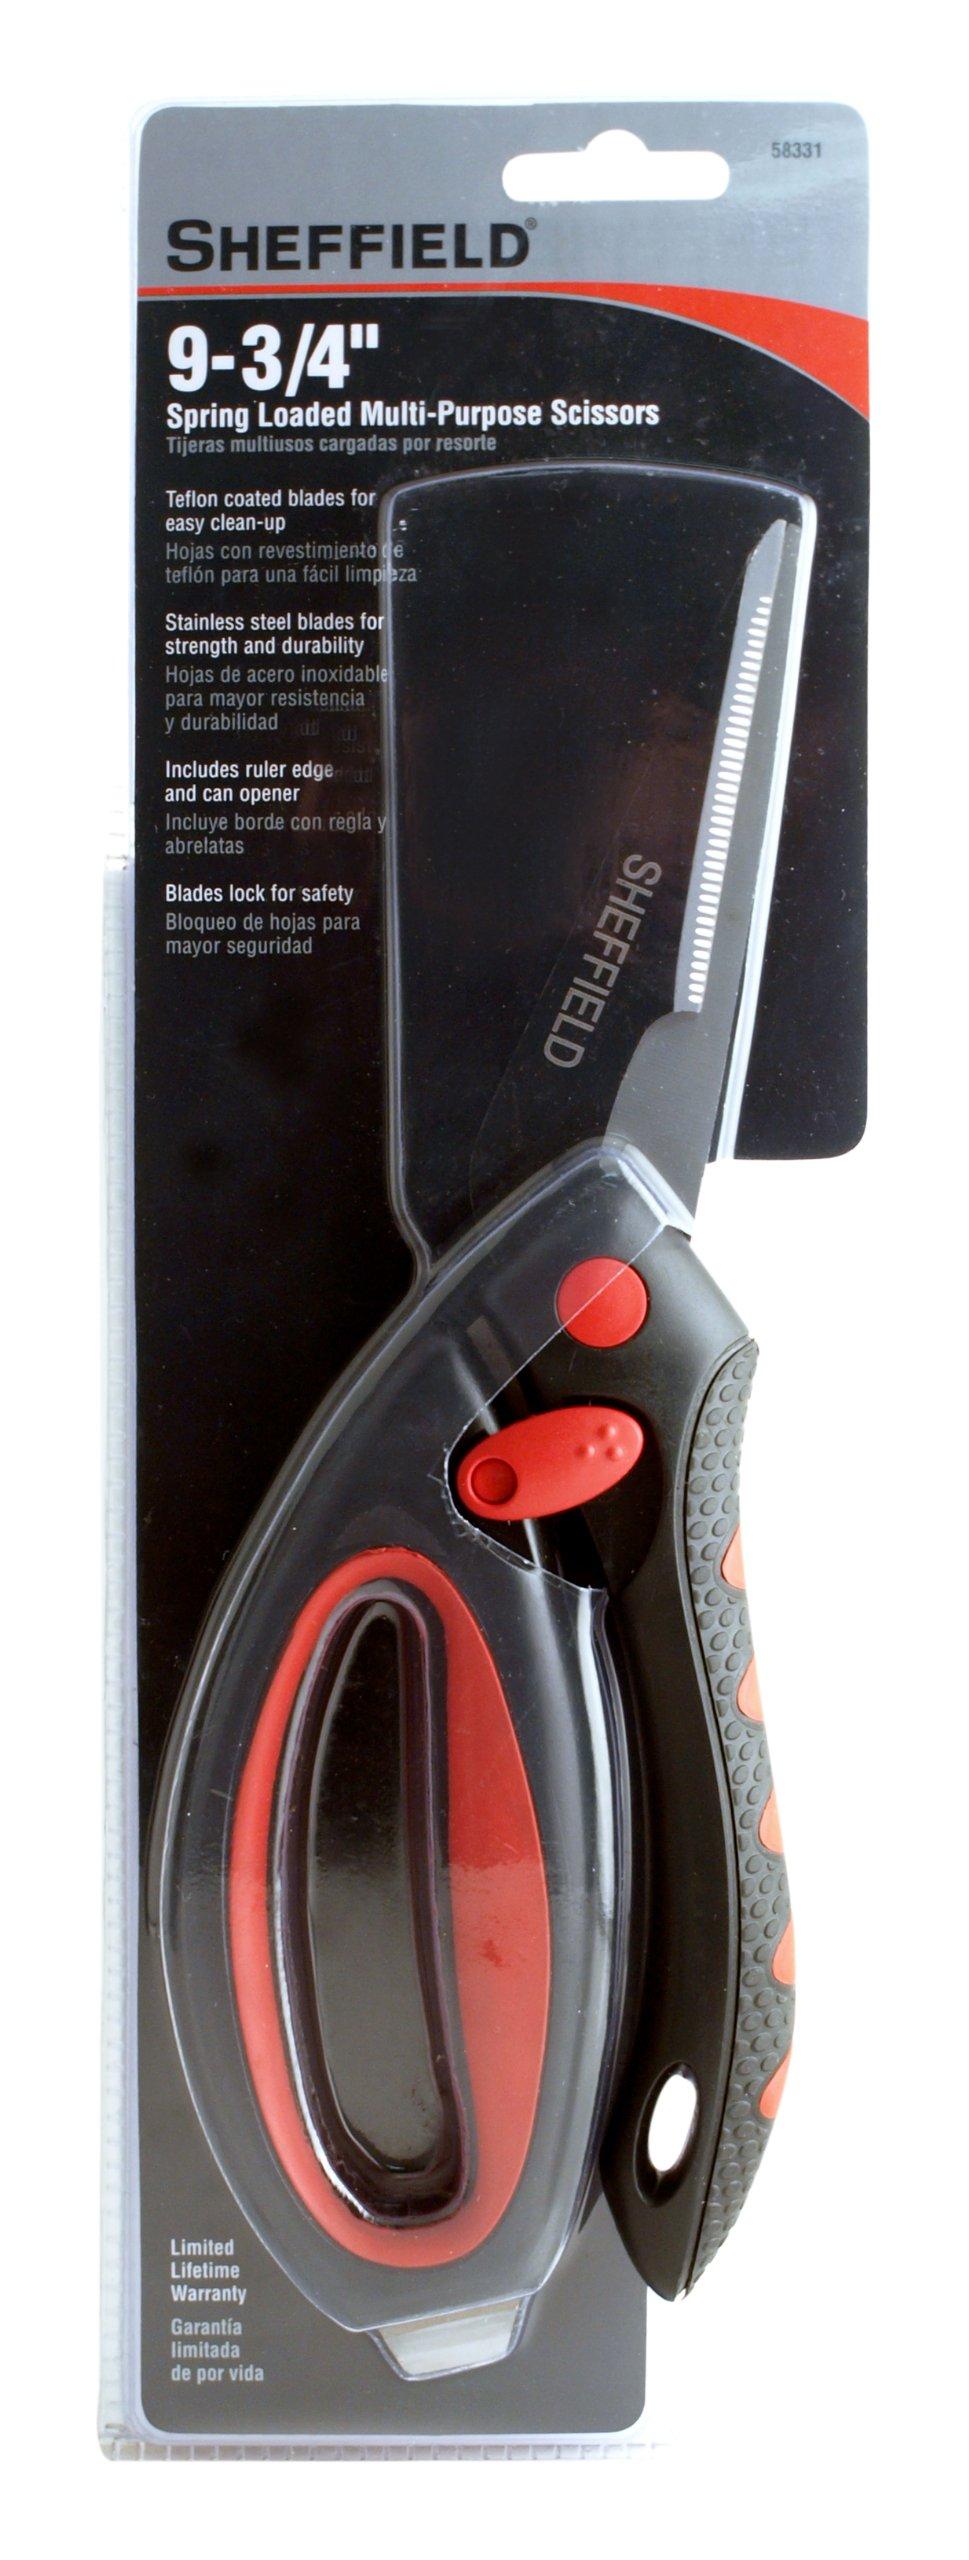 Sheffield 58331 9-3/4 Inch Spring Loaded Scissors